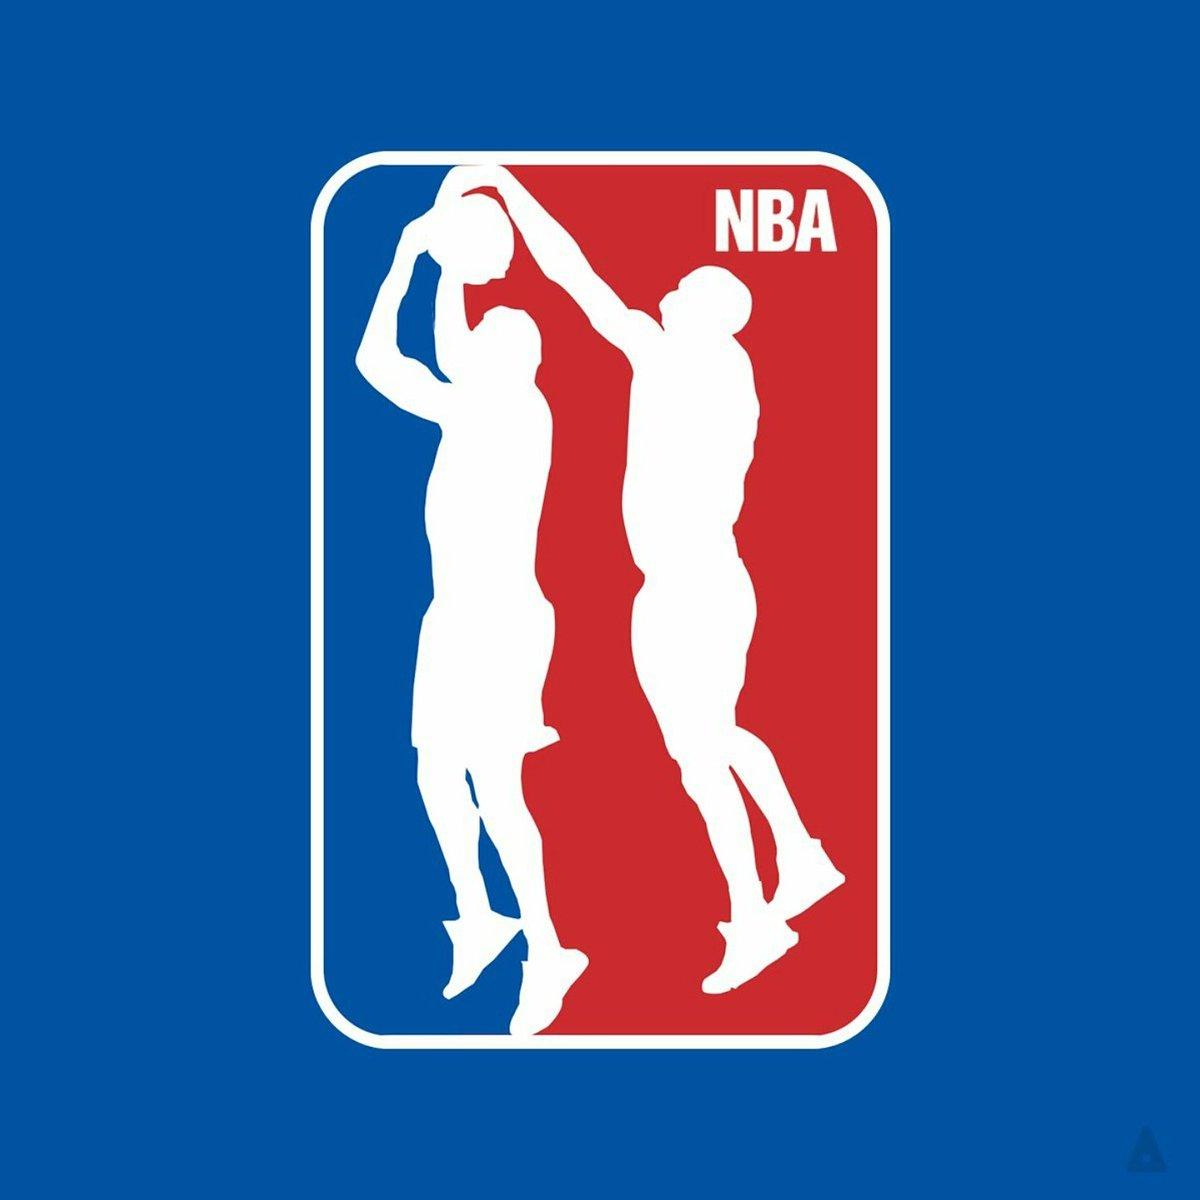 Original NBA Logos Quiz  By csl  Sporcle